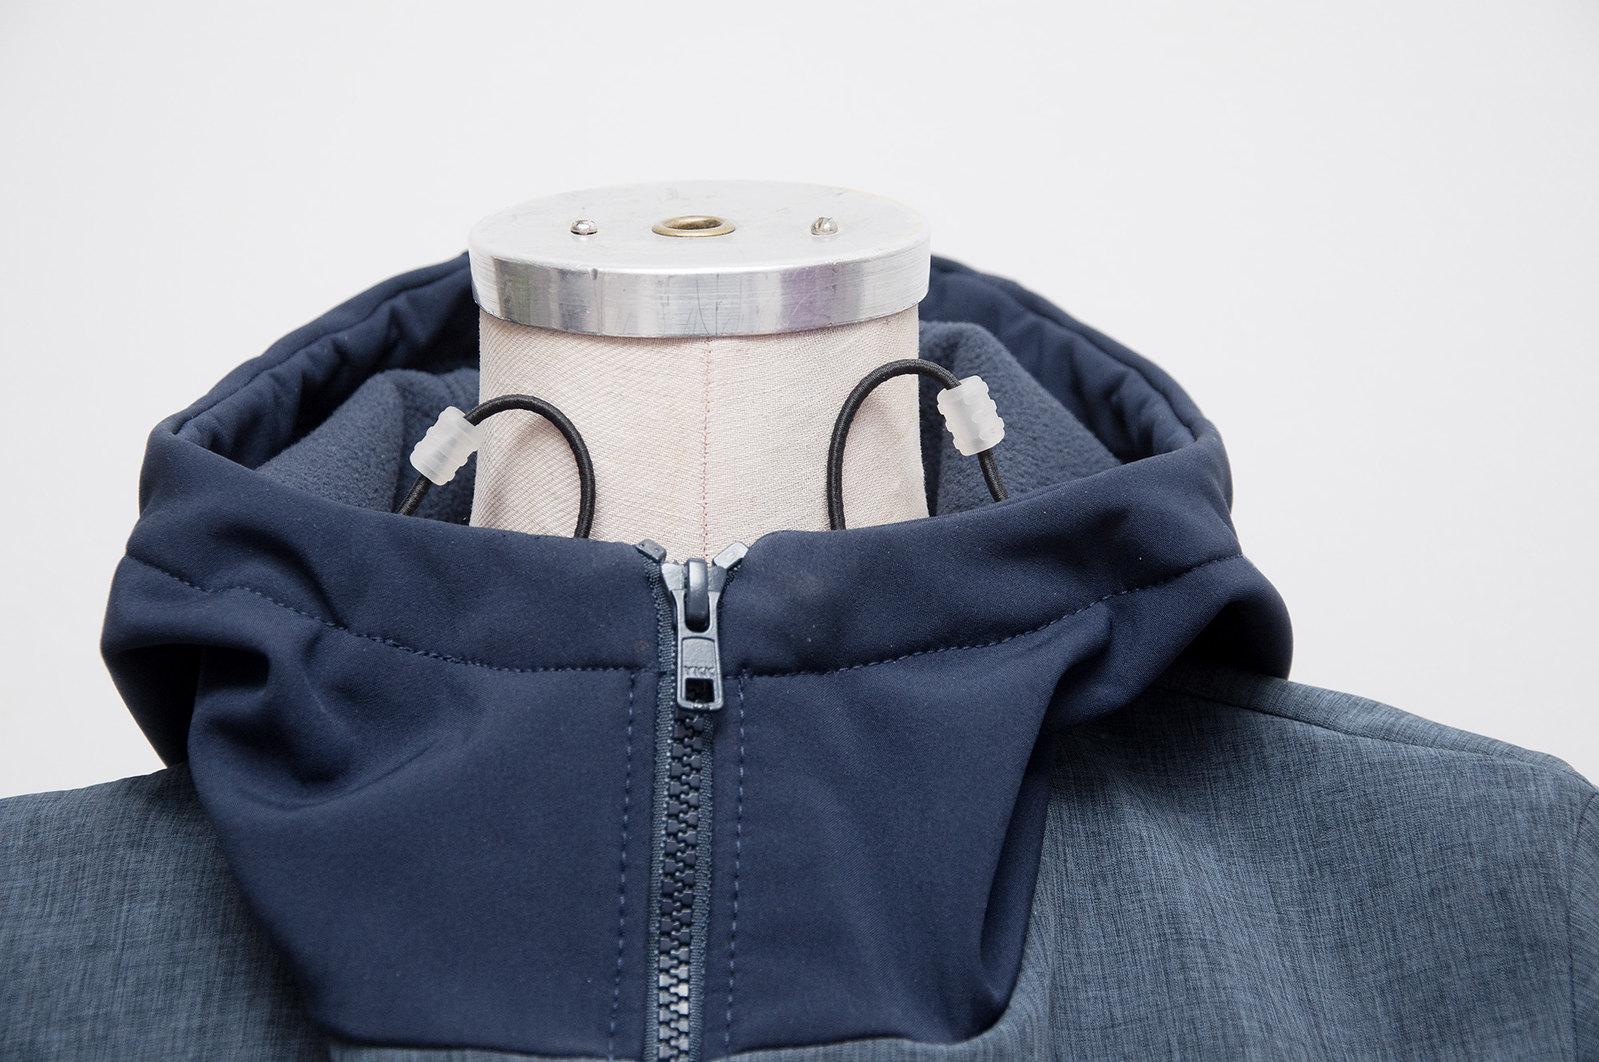 Soft shell ski jacket